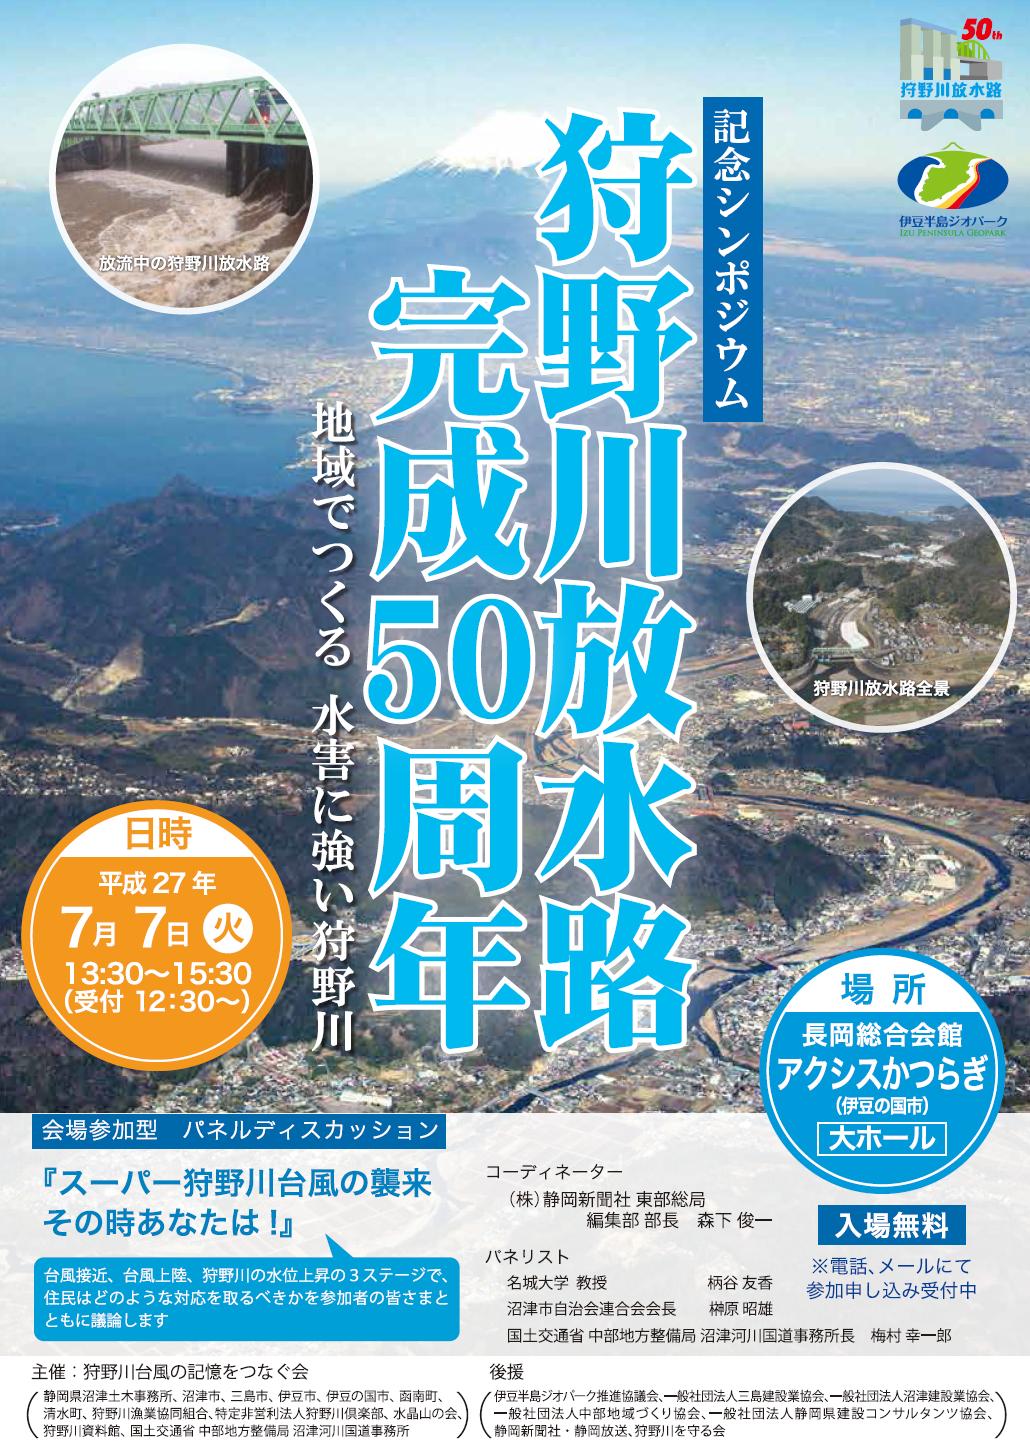 狩野川放水路完成50周年シンポジウム